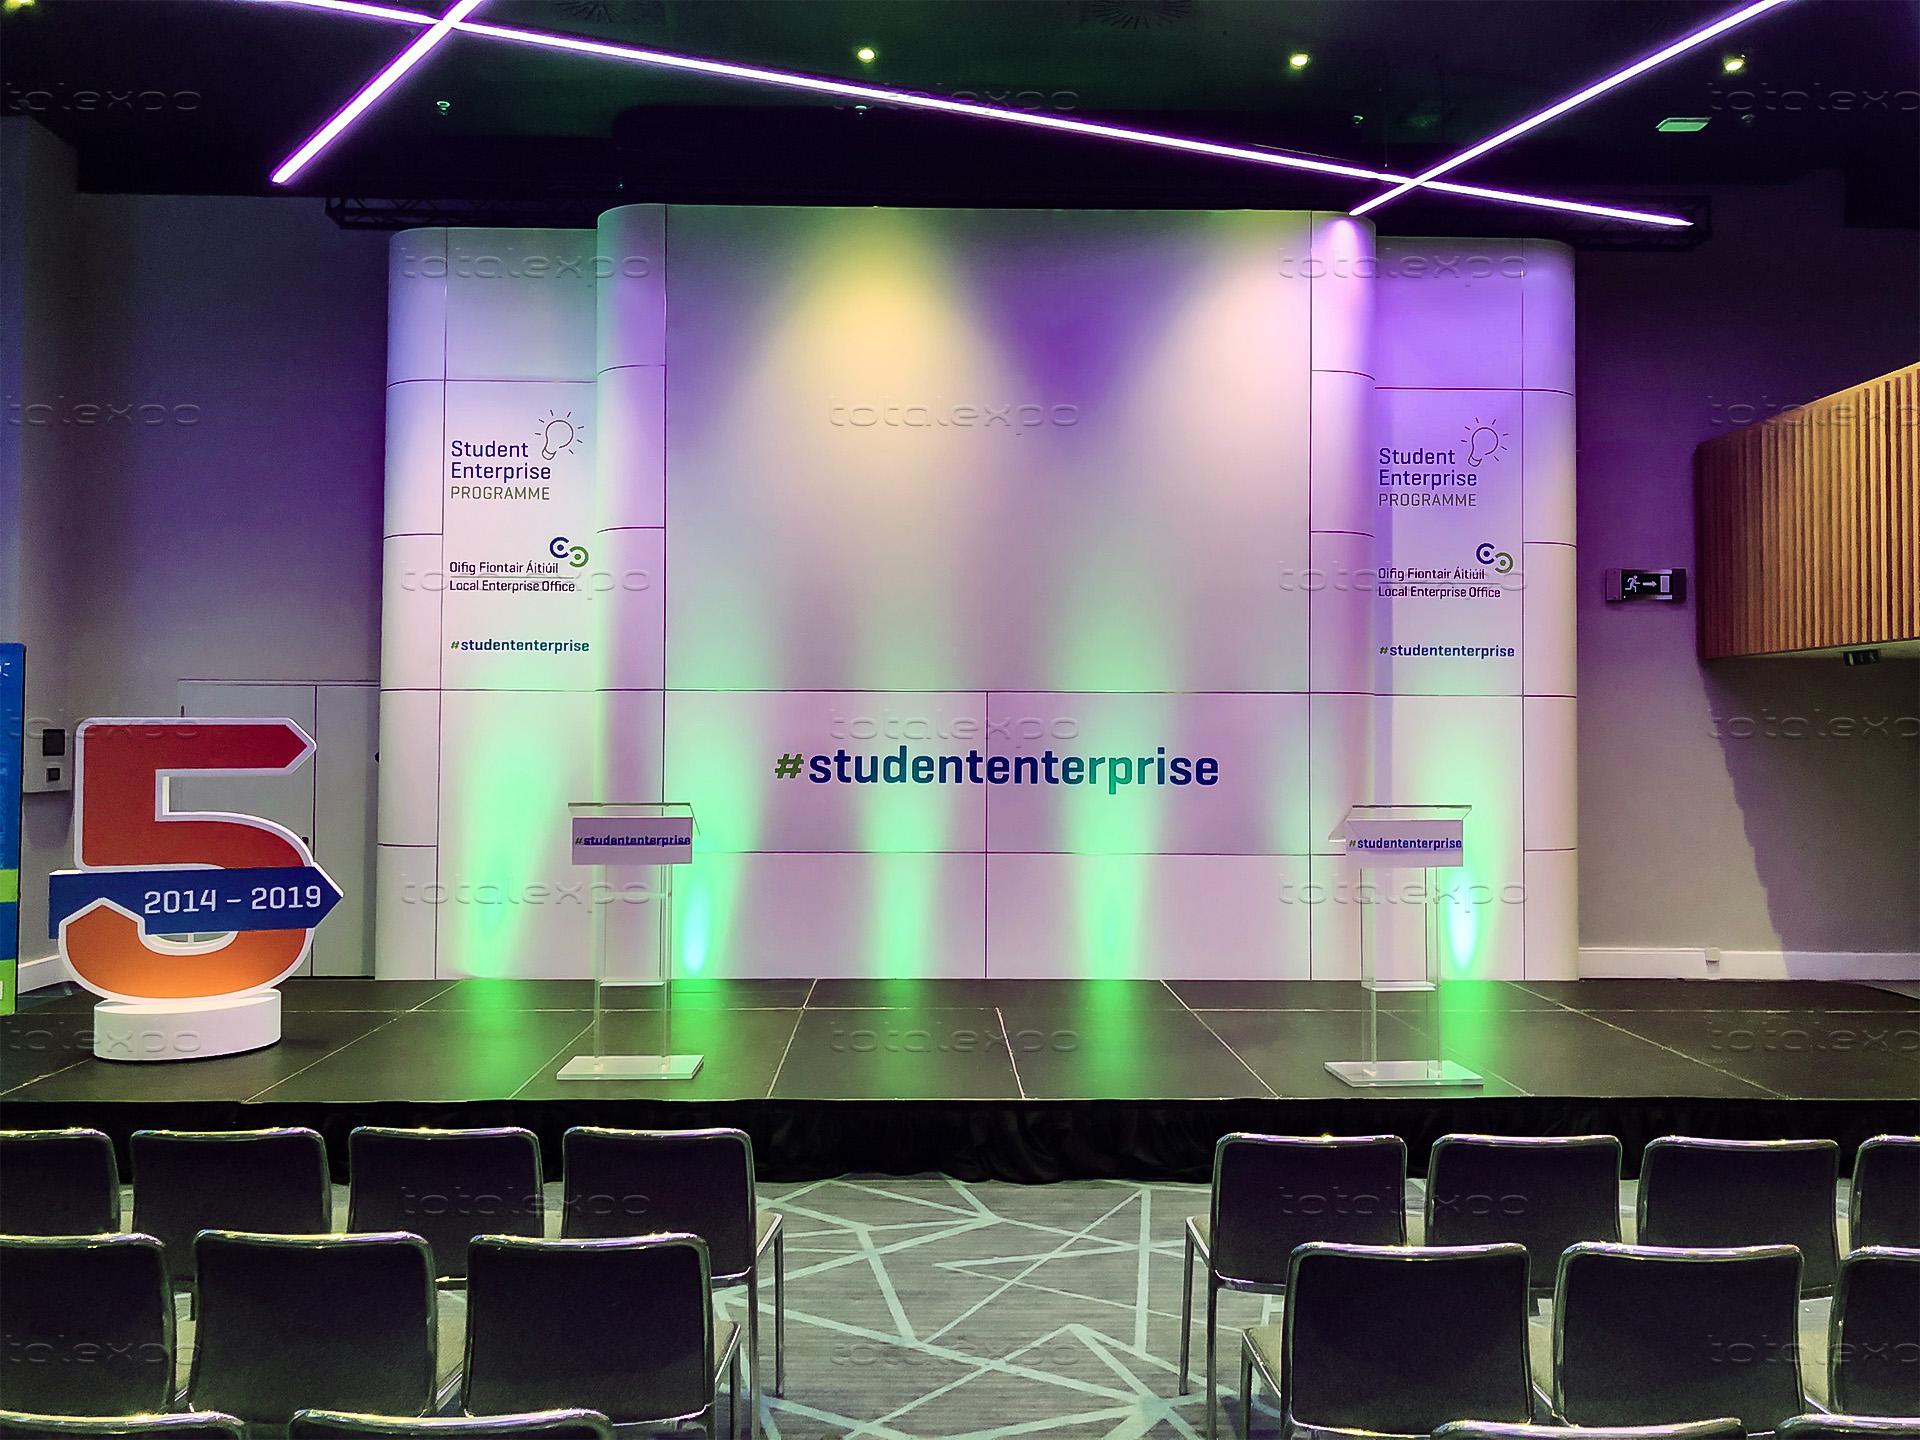 Stage backdrop at Student Enterprise Awards at Croke Park